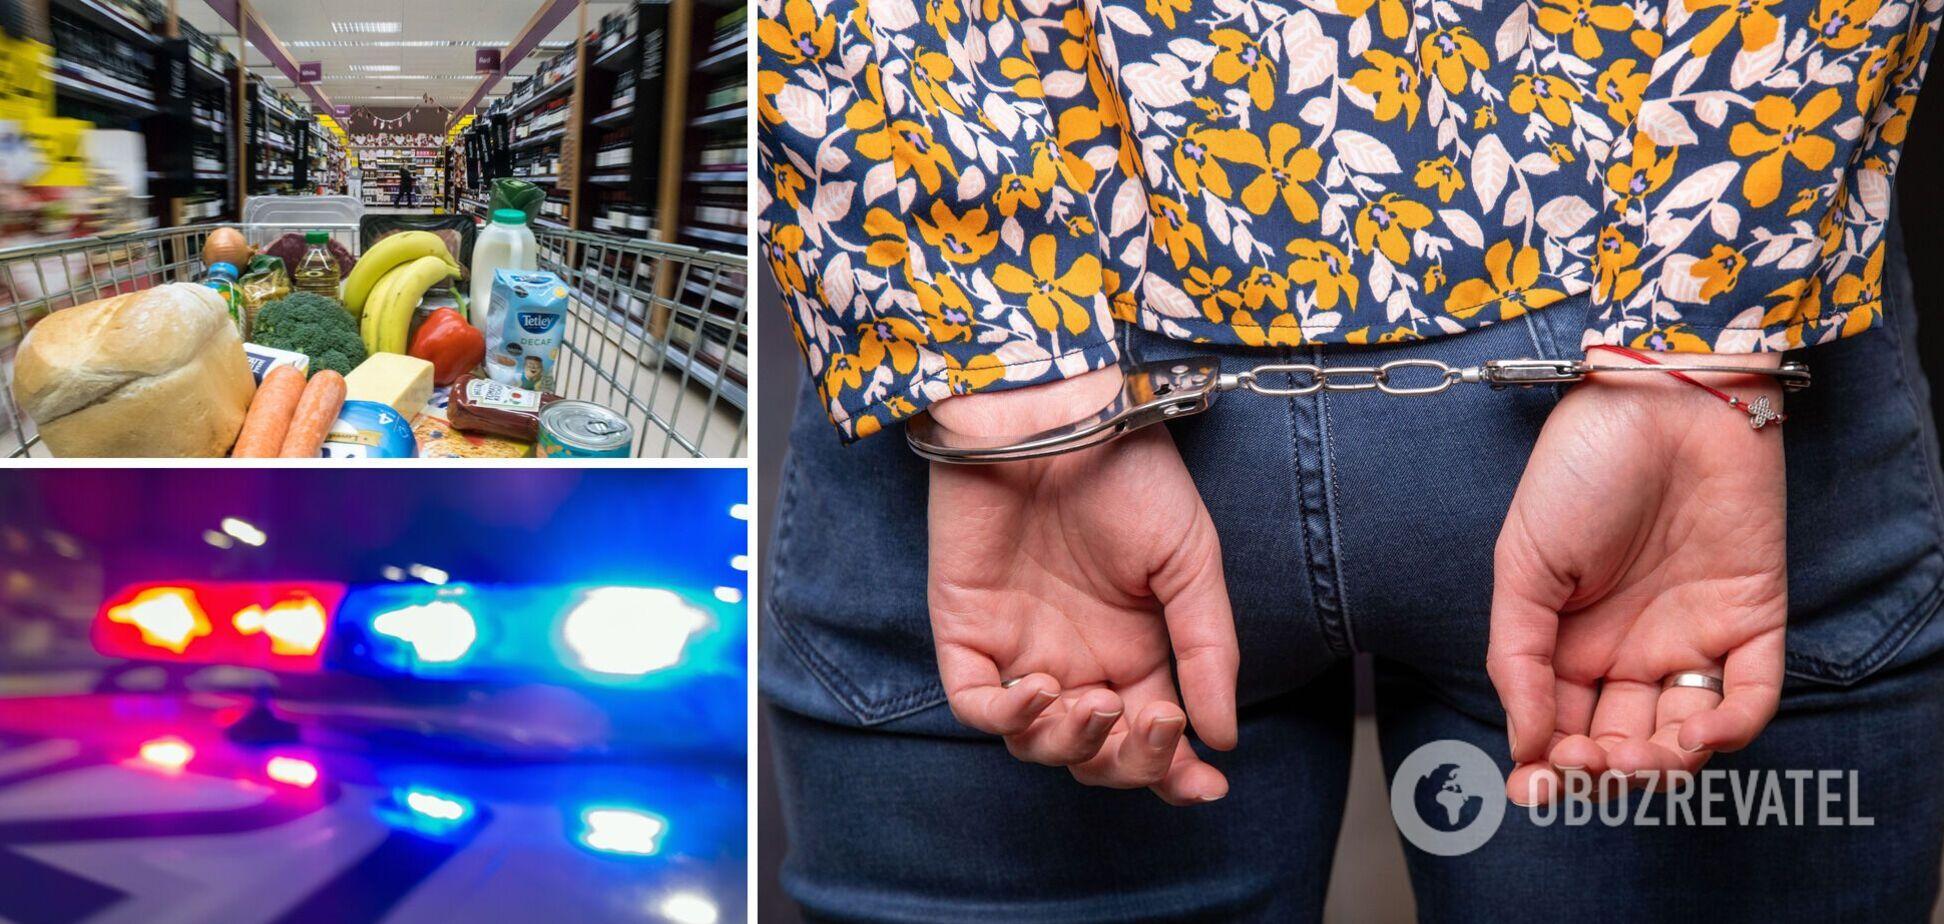 крадіжки в супермаркетах